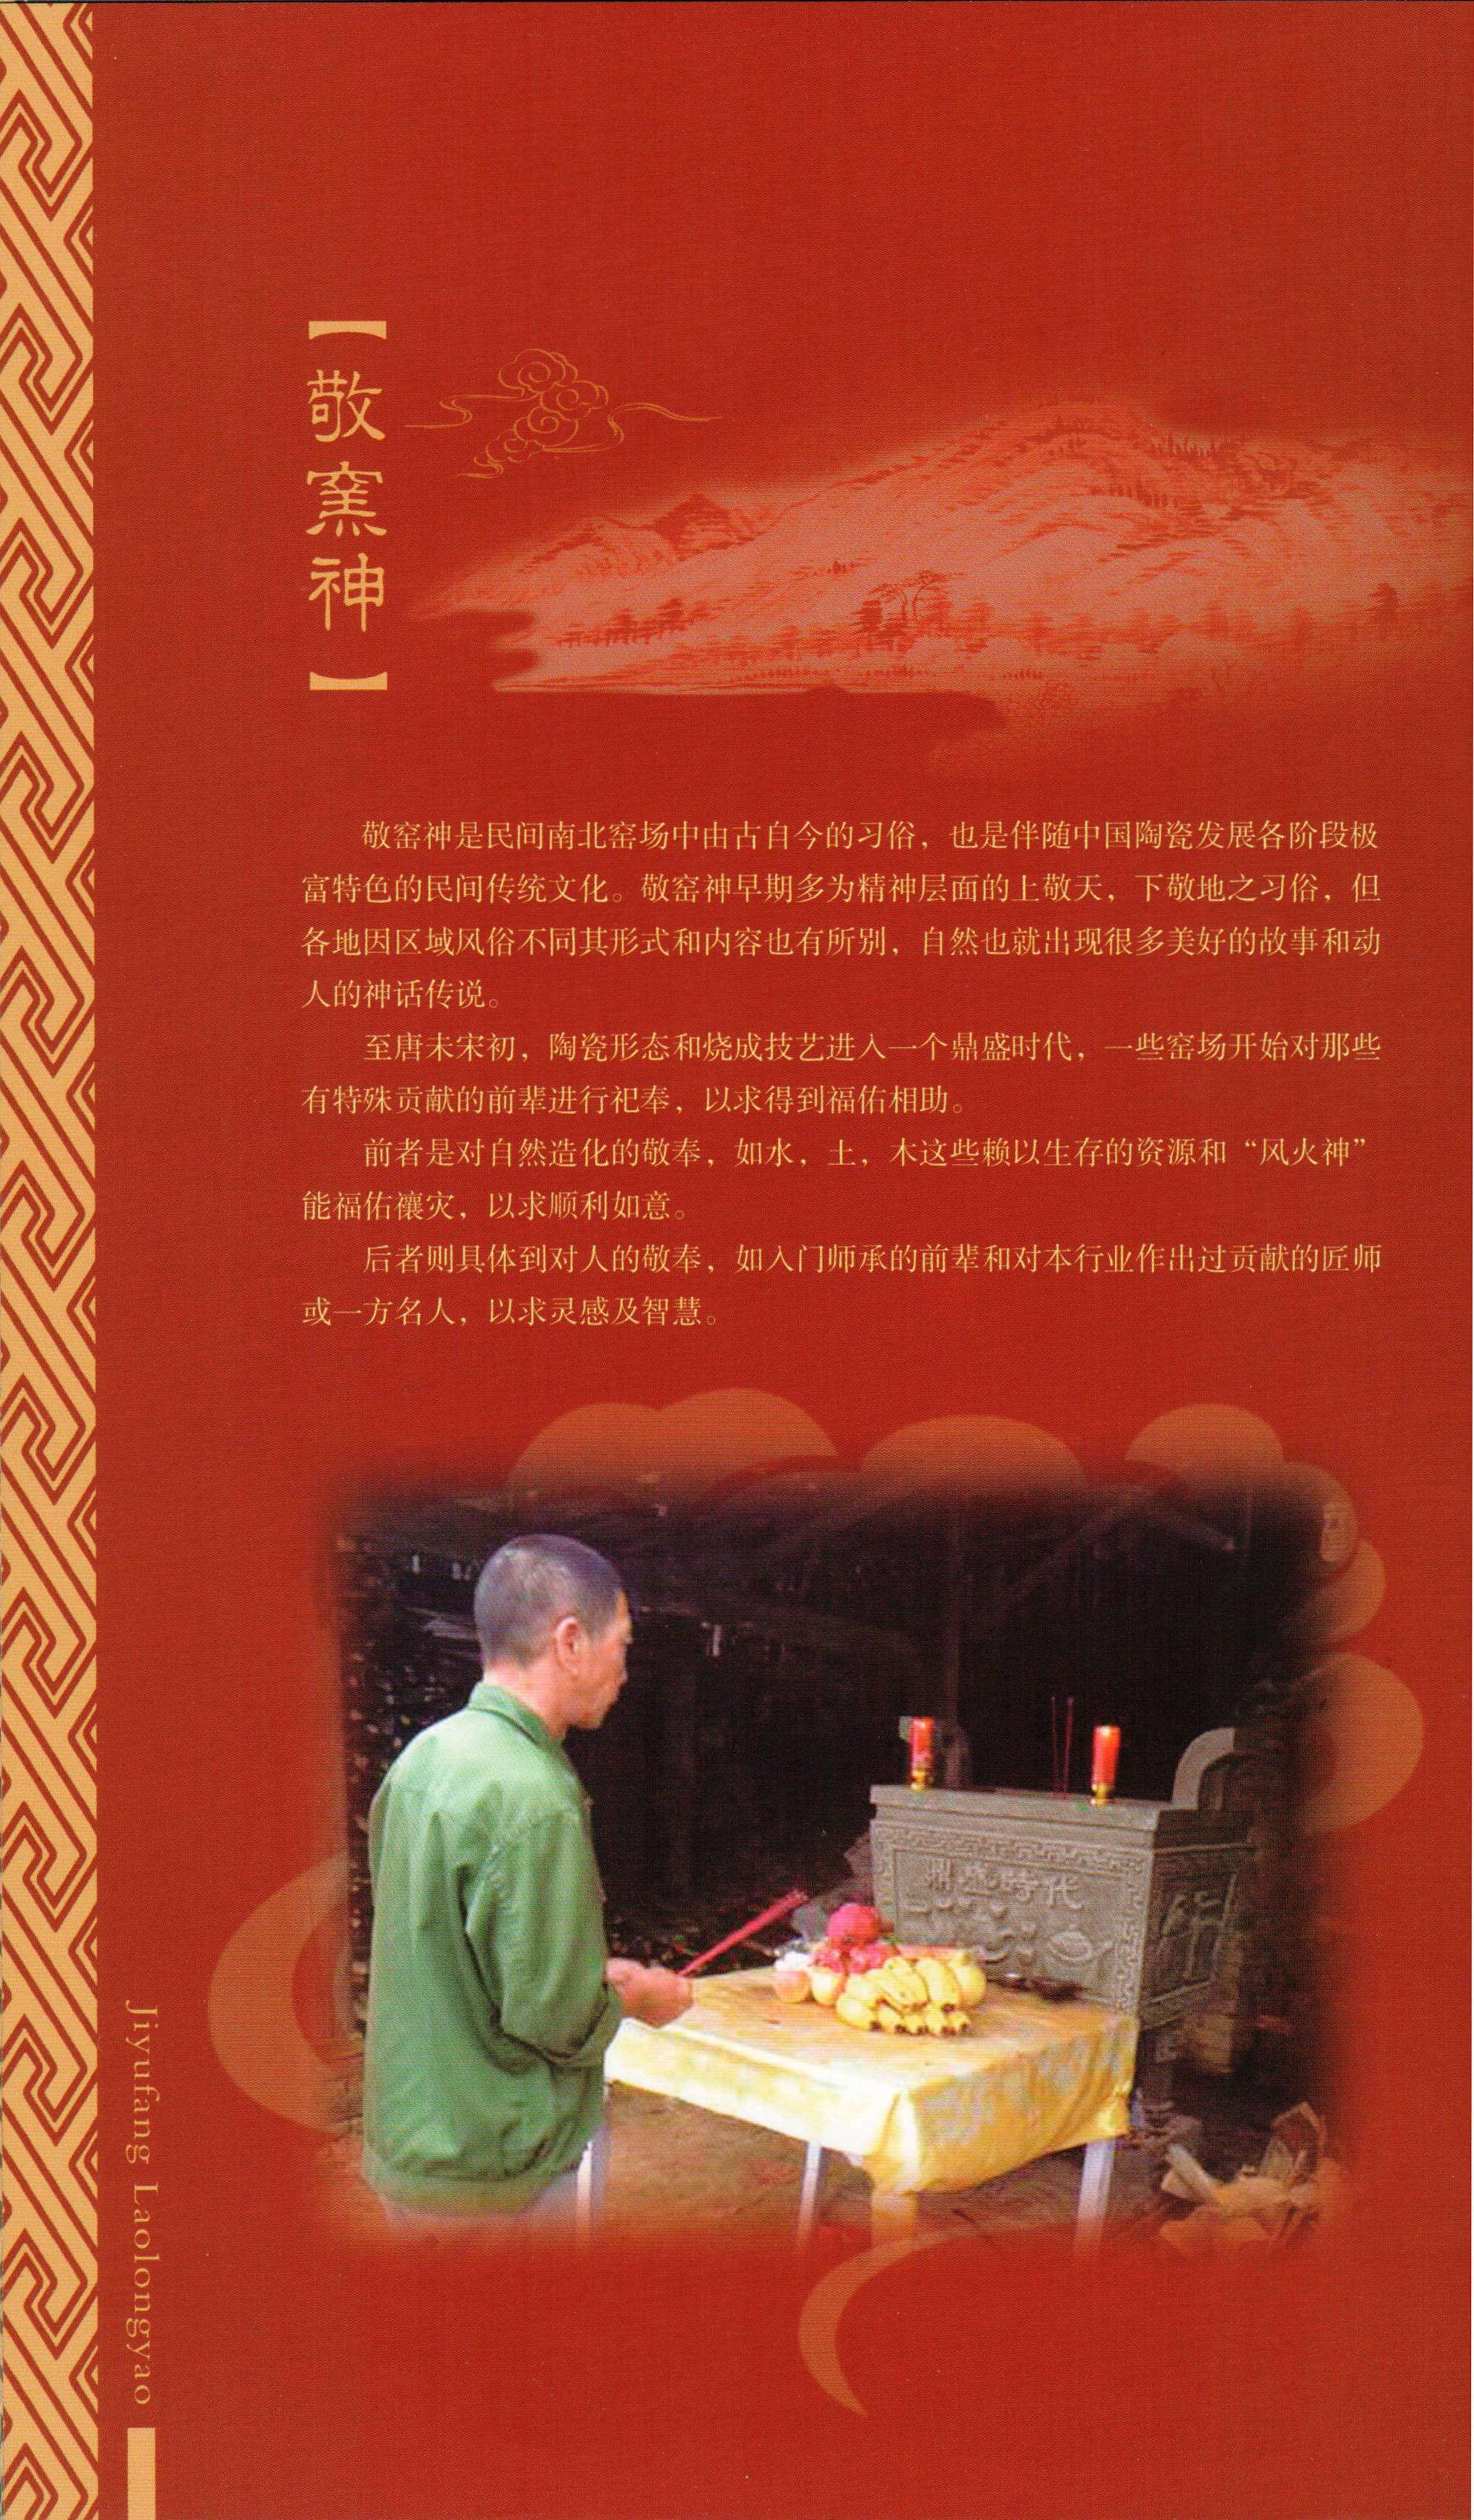 jiyufang_laolongyao-24